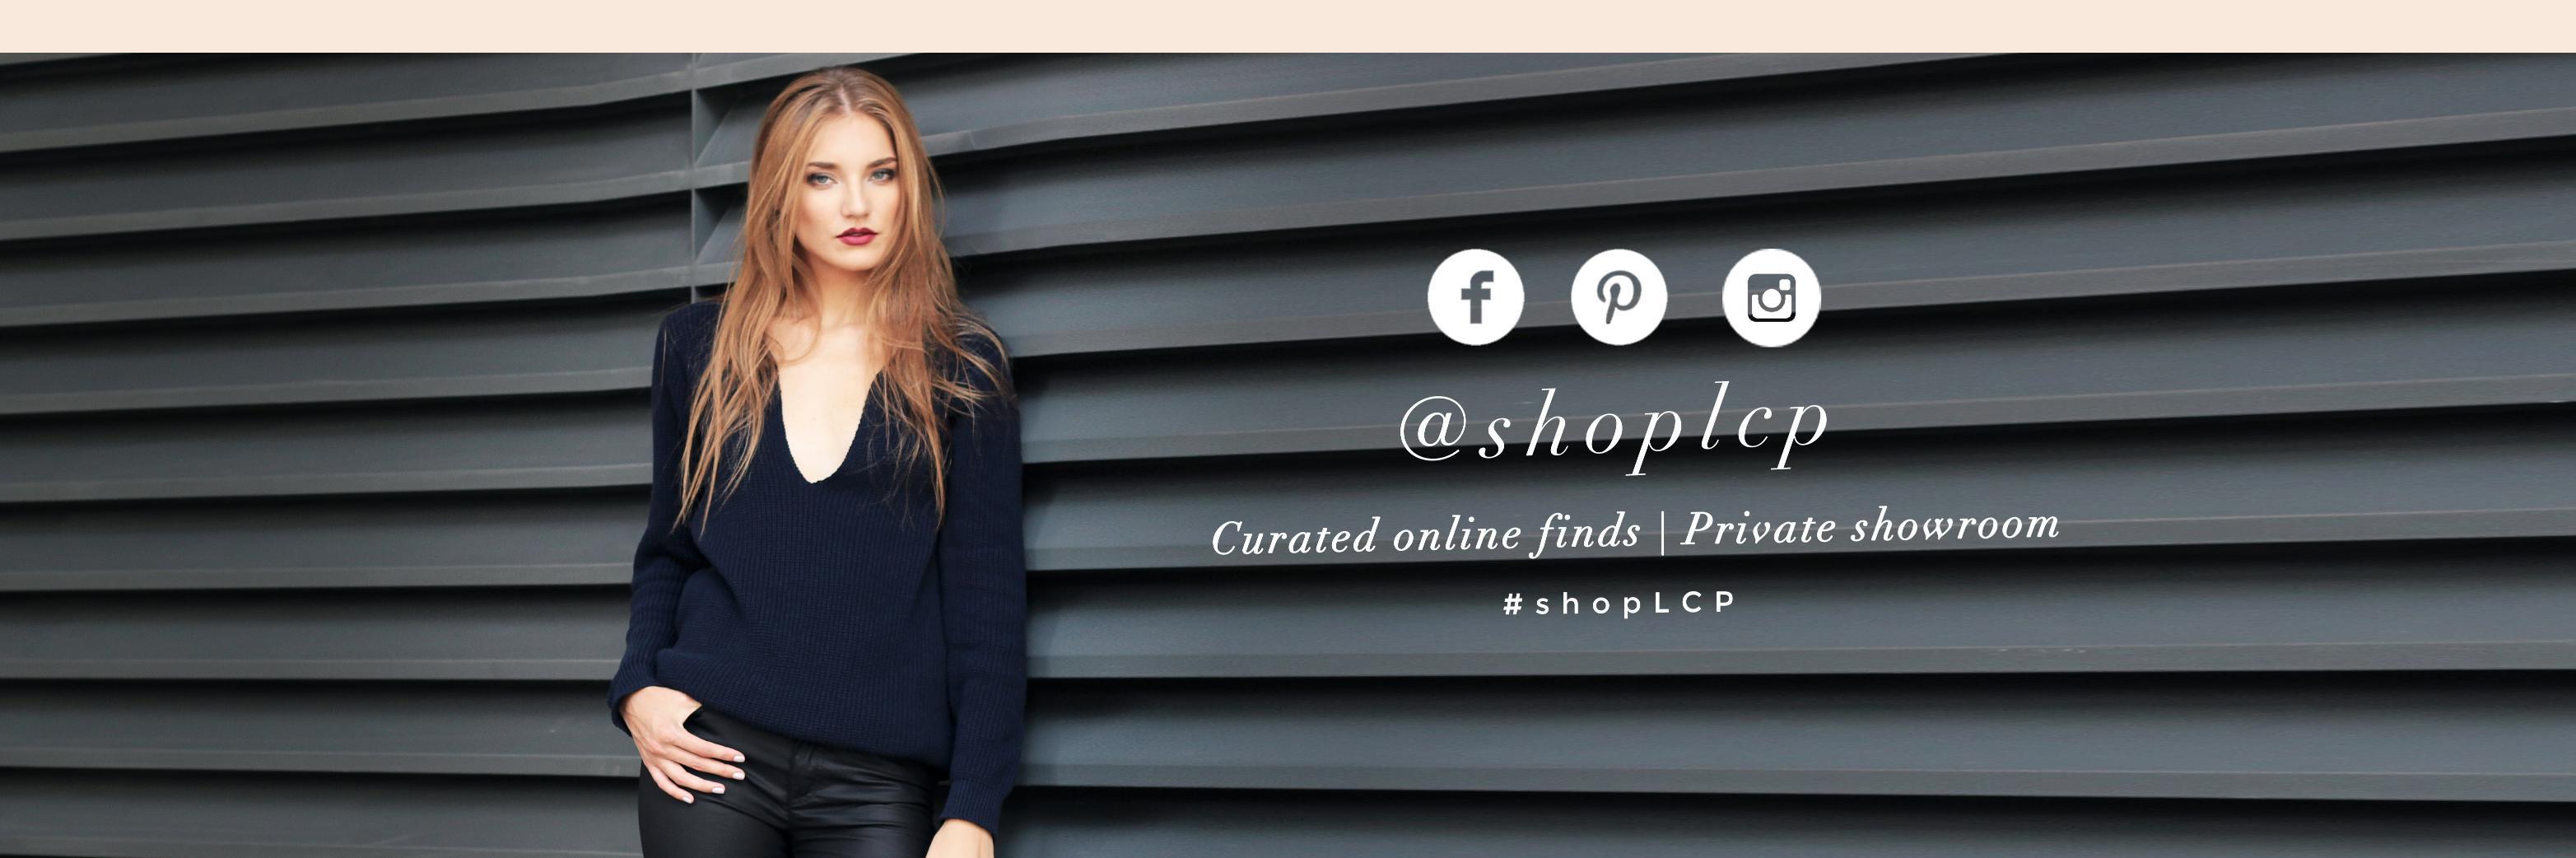 Shop LCP